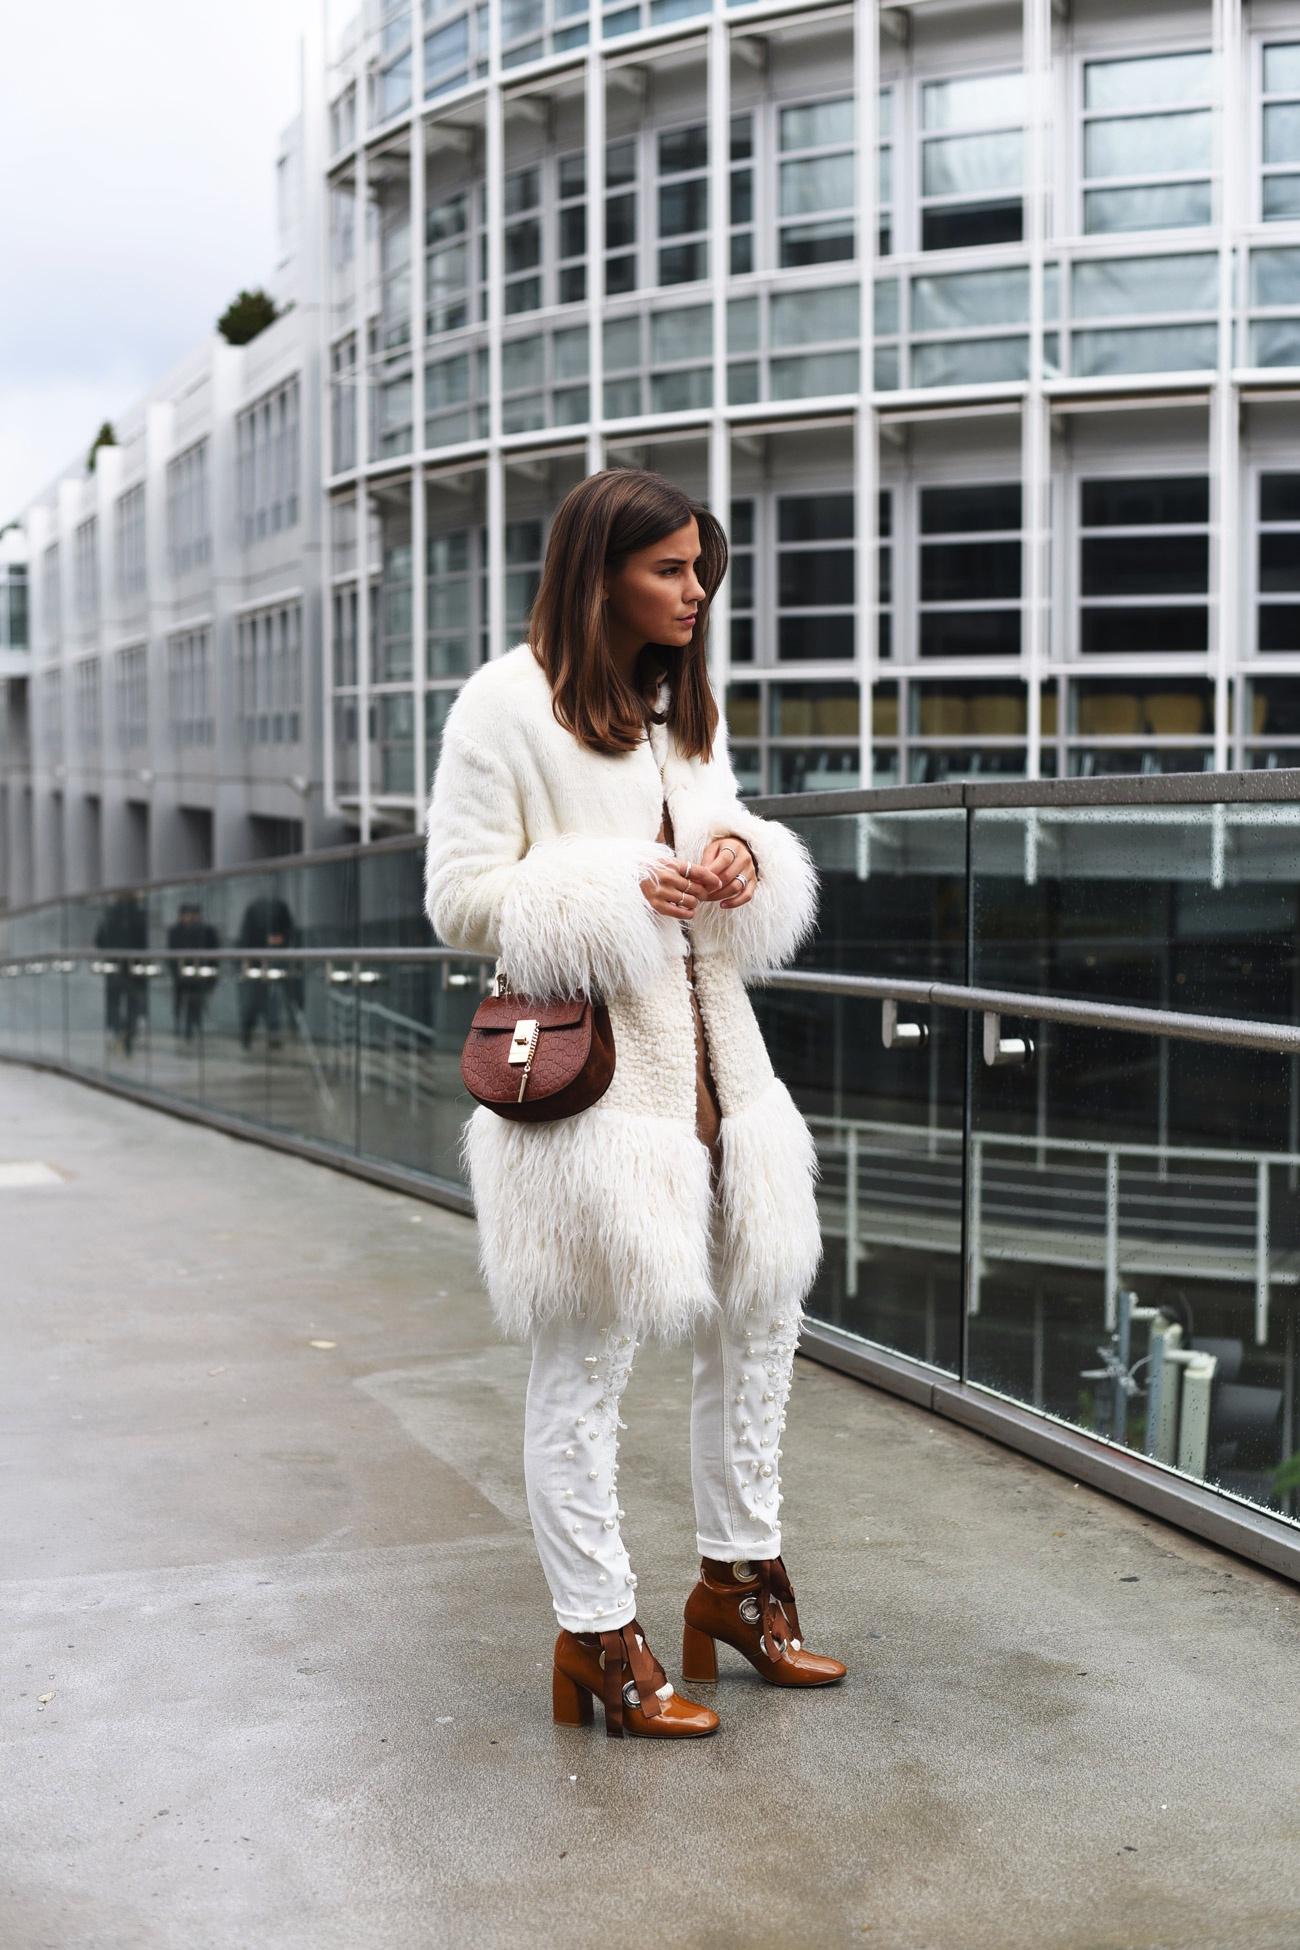 fashionblog-muenchen-deutschland-mode-blog-gute-qualitaet-und-reichweite-fashiioncarpet